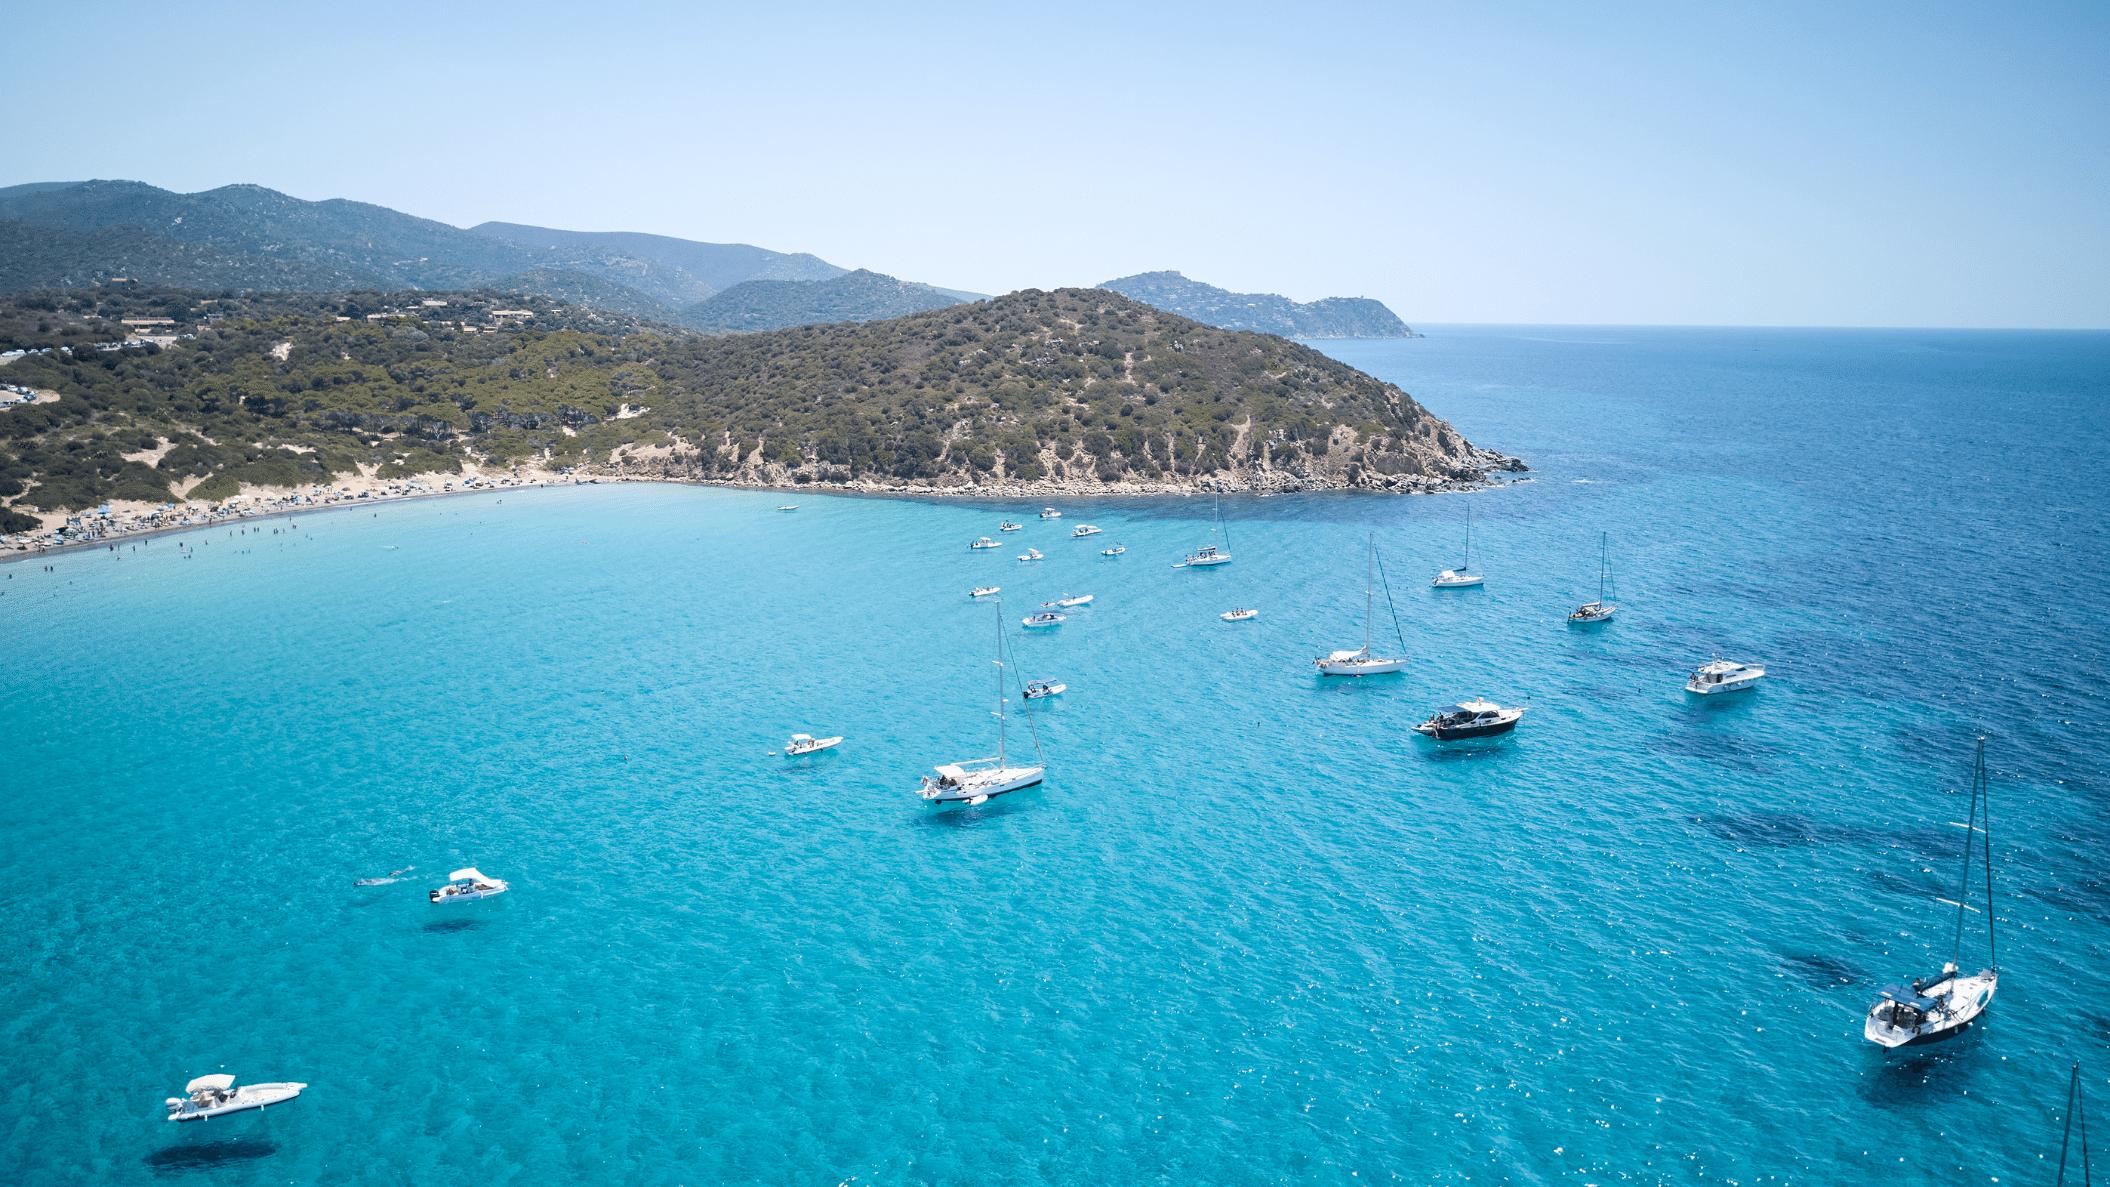 Noleggio barca a vela con skipper Cagliari (2)